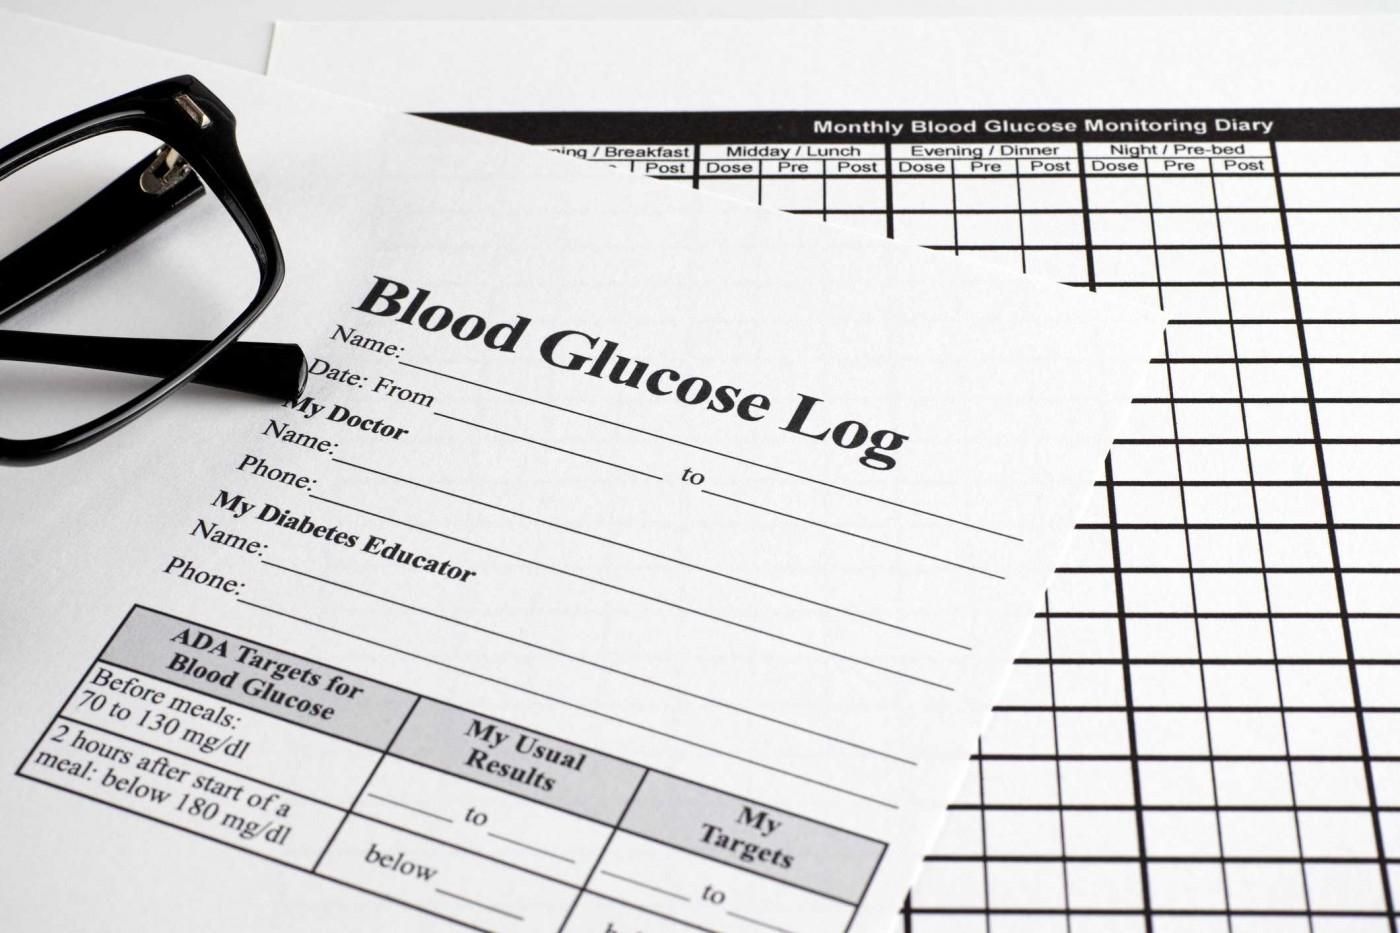 009 Rare Blood Glucose Diary Template Idea 1400